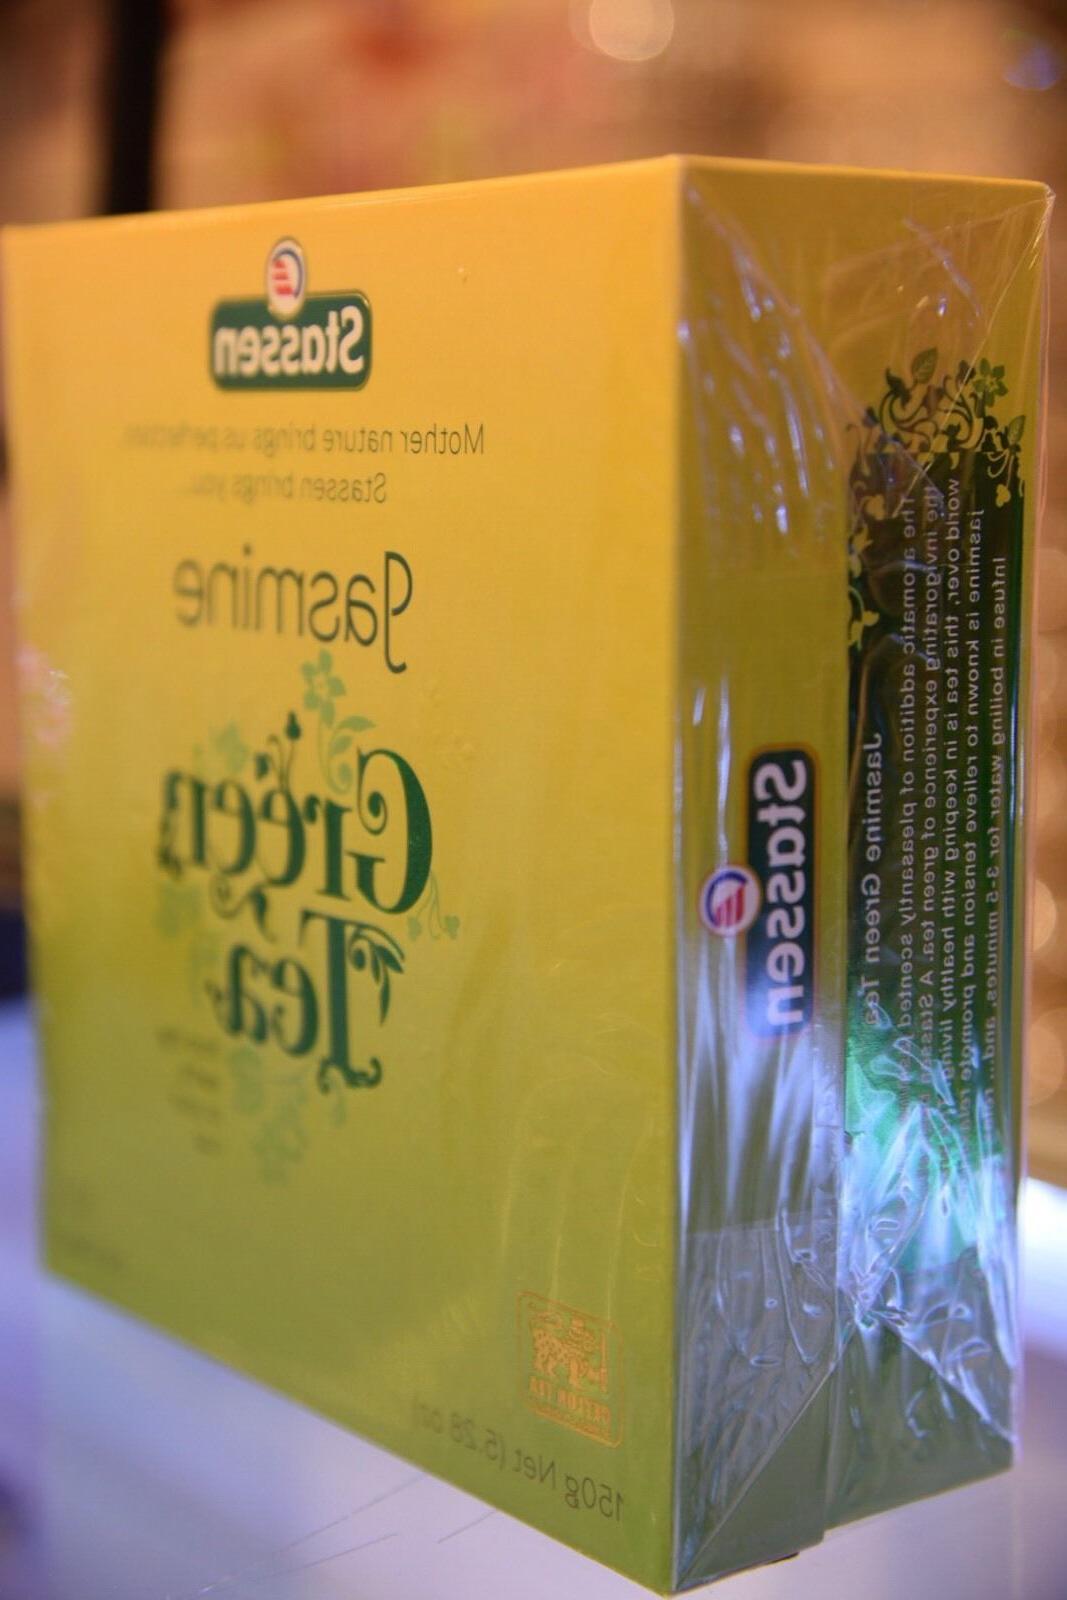 Stassen Tea Quality SELLER